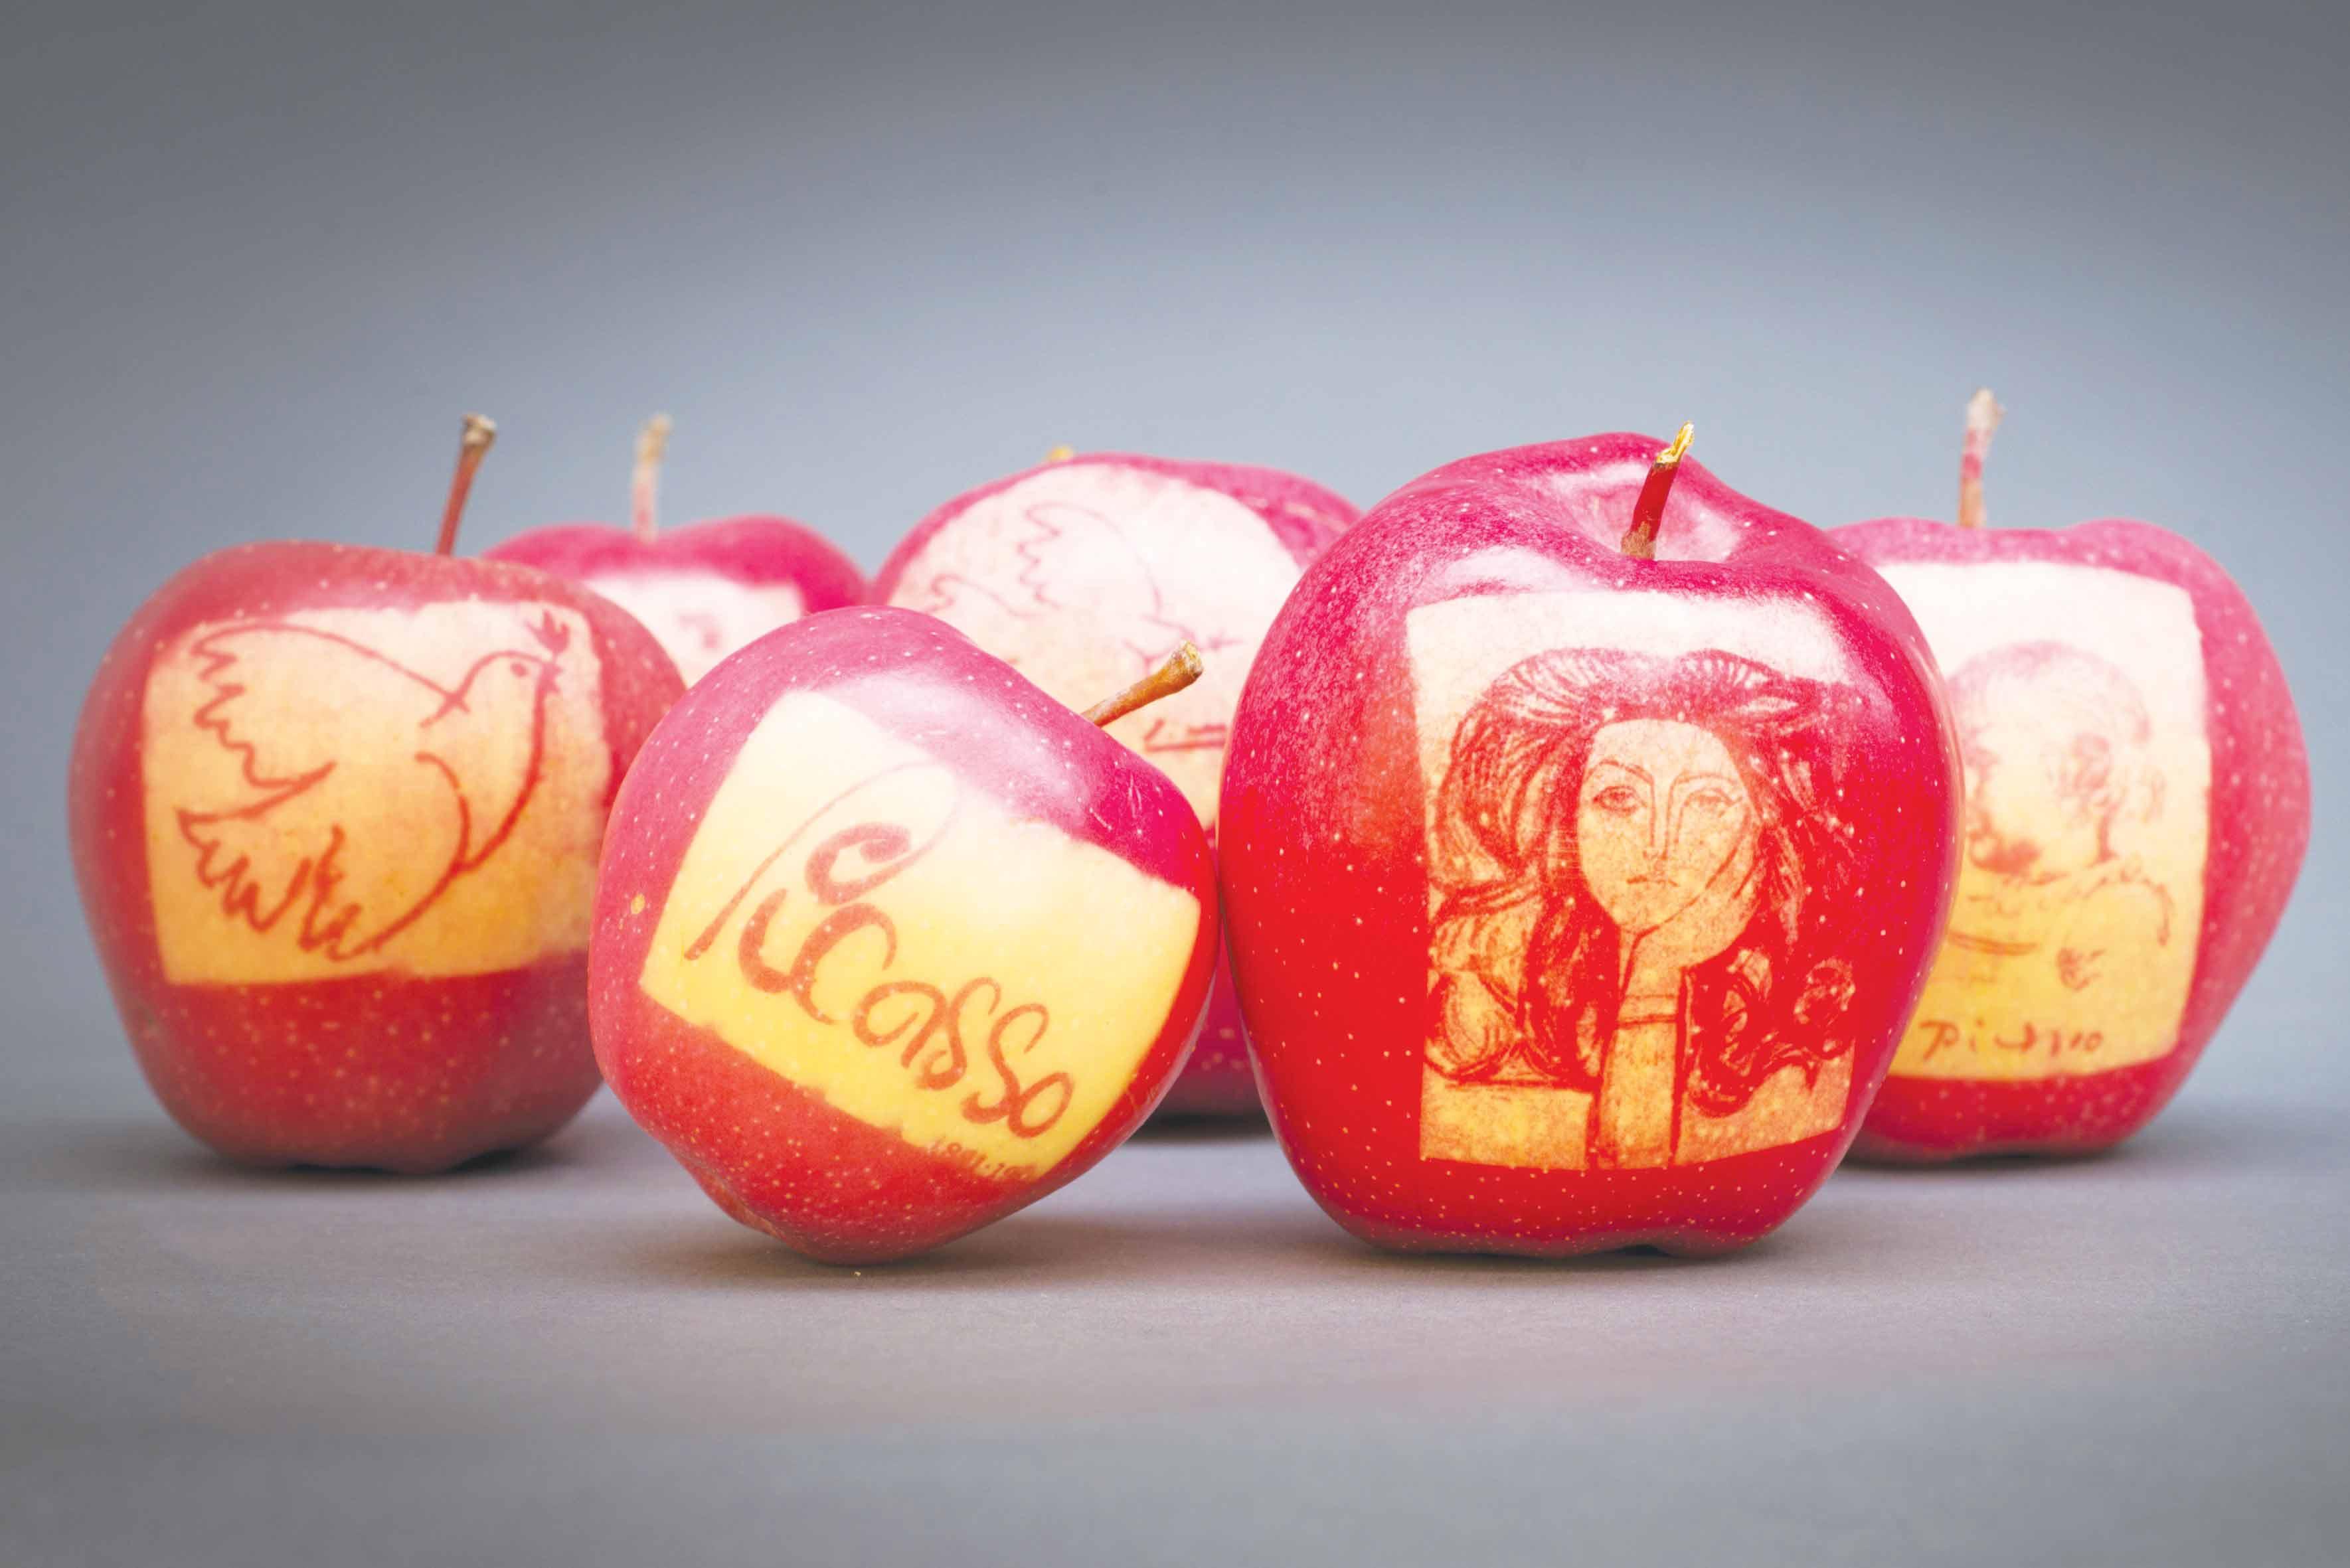 Les-Pommes-marquées-des-Jardins-Fruitiers-de-Laquenexy-8---Crédits-Conseil-Départemental-de-la-Moselle